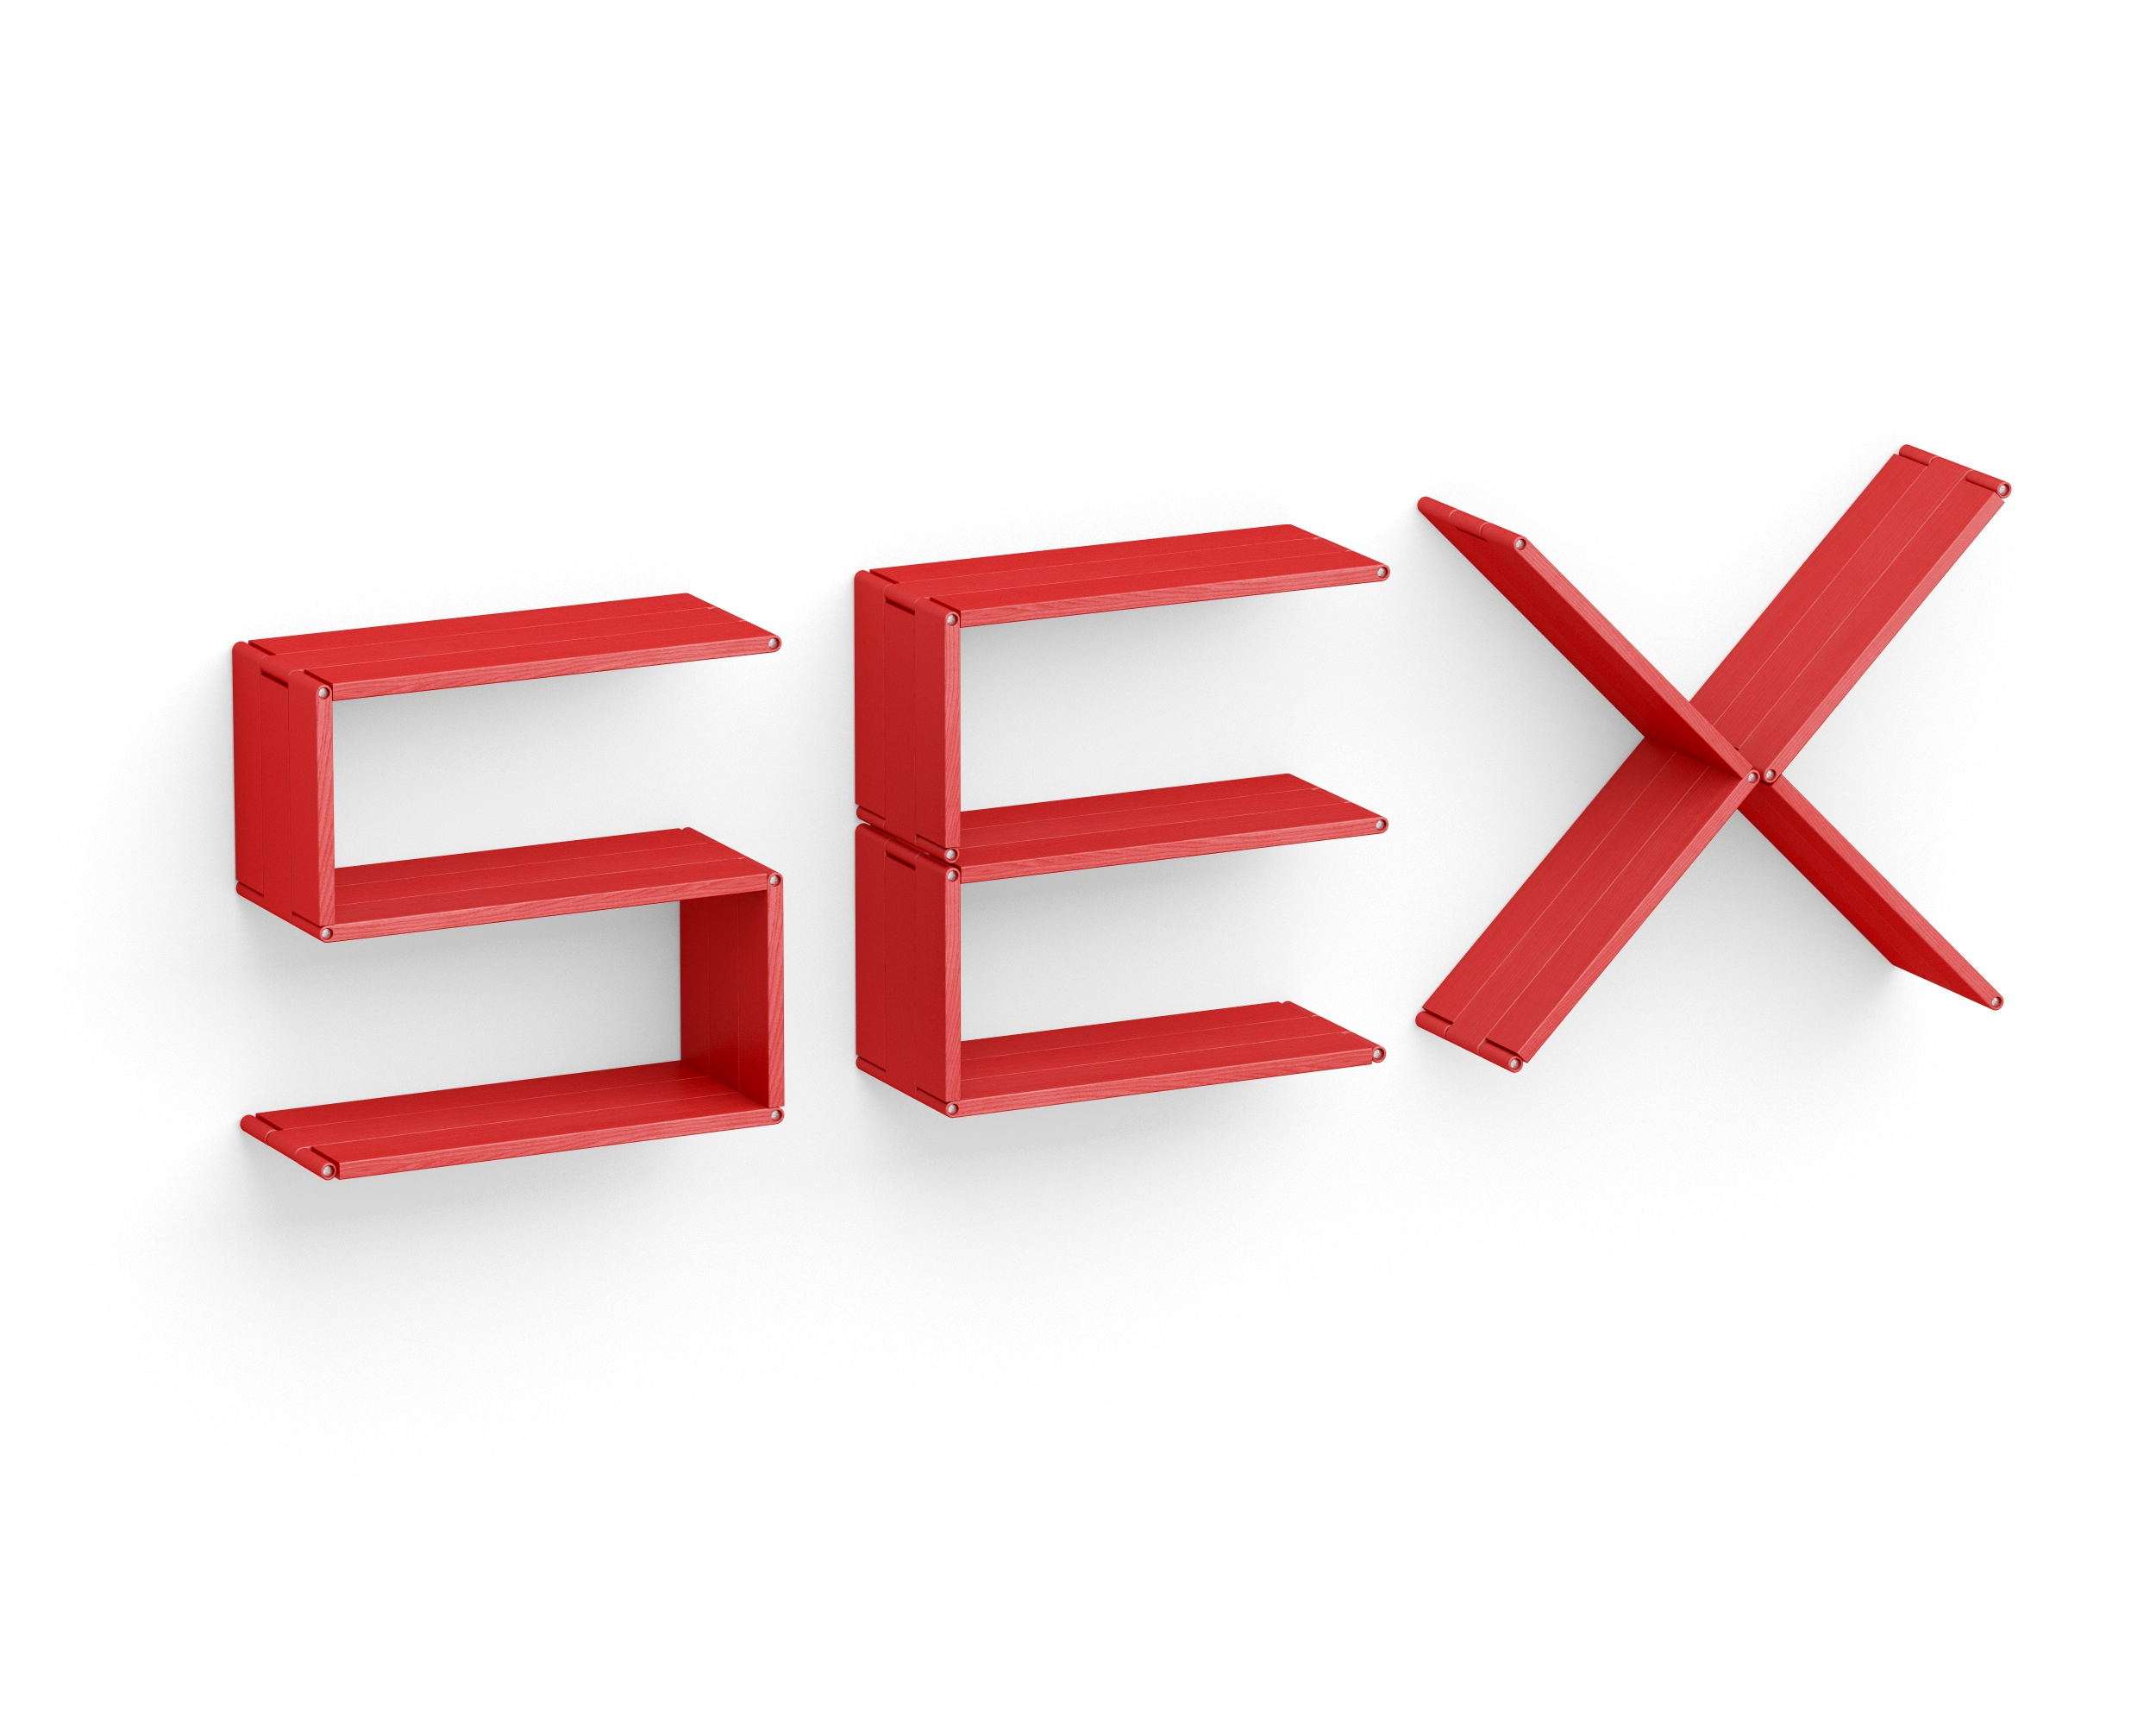 Полка-конструктор LATITUDE Flex Shelf set 151Полки<br>Провокация, смелость, дерзость. Решитесь ли вы на установку полки-трансформера &amp;quot;Latitude Flex Shelf Set 167&amp;quot;, сочетающей в себе все эти качества? Ярко-красная надпись &amp;quot;Sex&amp;quot;, принявшая объемные формы, безусловно, привлечет к себе внимание. В эффектную спальню, современный лаунж или эклектичную гостиную она впишется идеально.<br><br>Material: Ясень<br>Ширина см: 209<br>Высота см: 60<br>Глубина см: 22